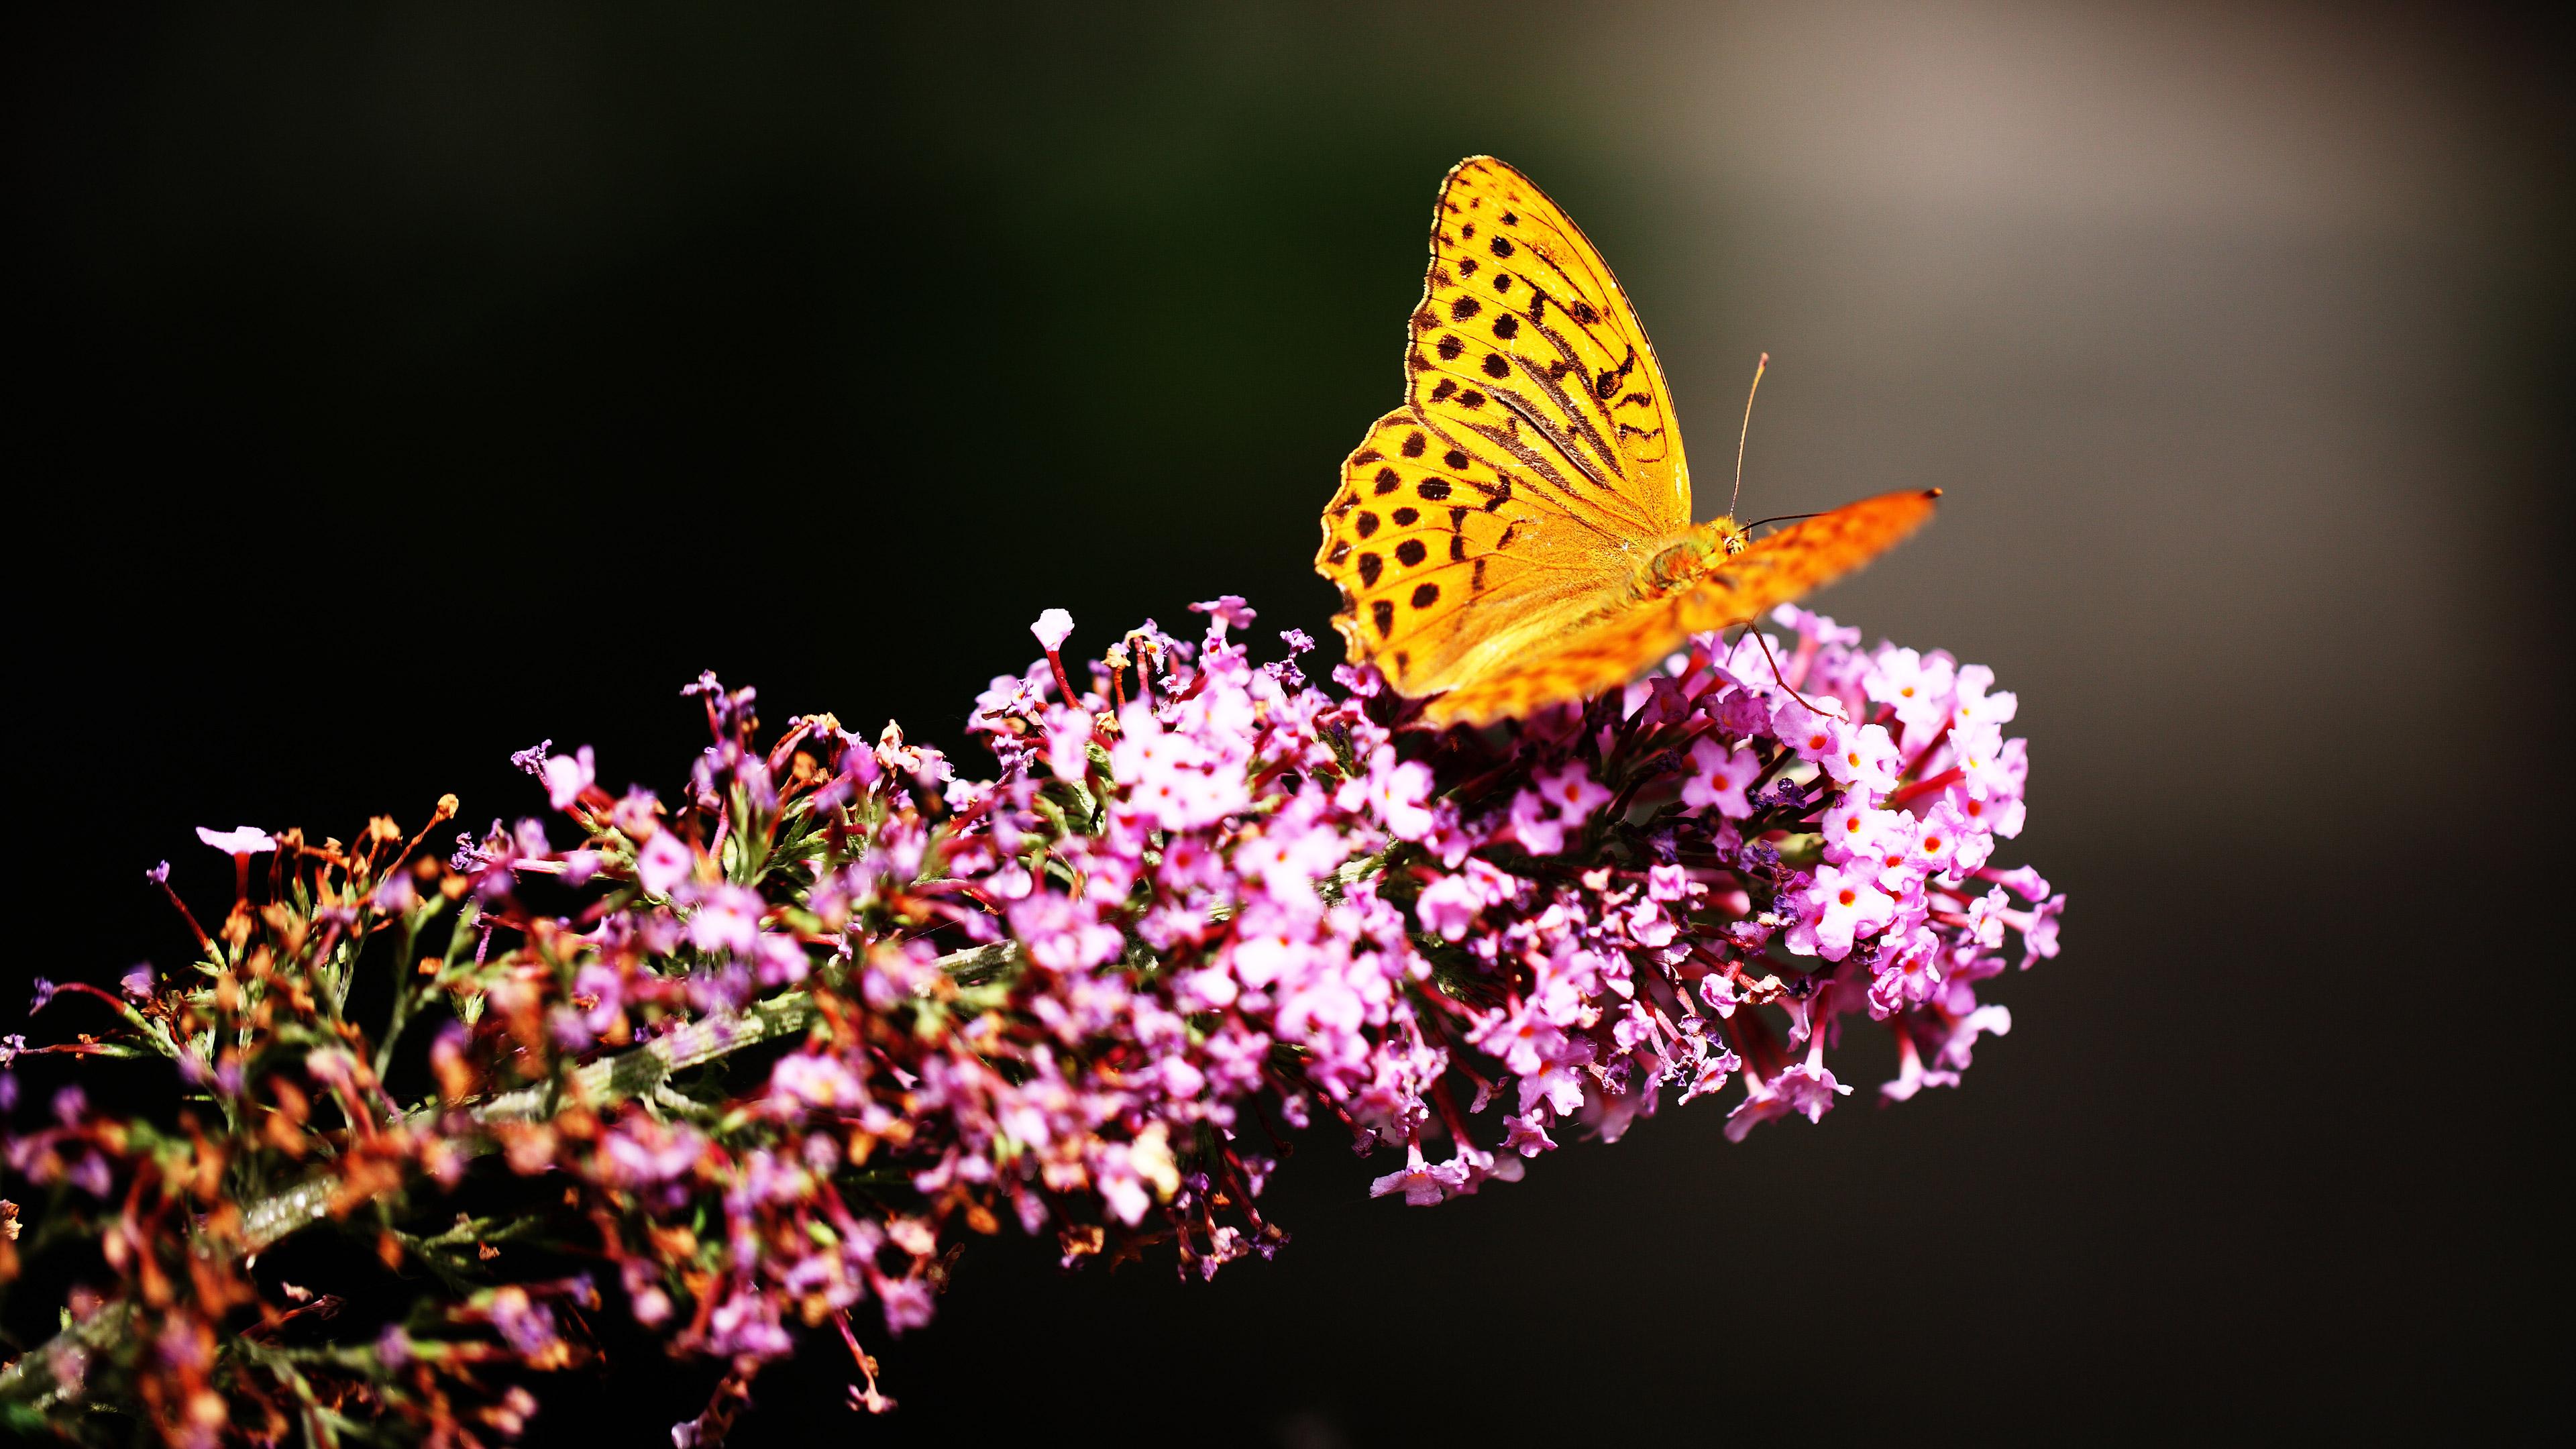 Beautiful Butterfly 4k Ultra Hd Butterfly Wallpaper 4k 3840x2160 Download Hd Wallpaper Wallpapertip